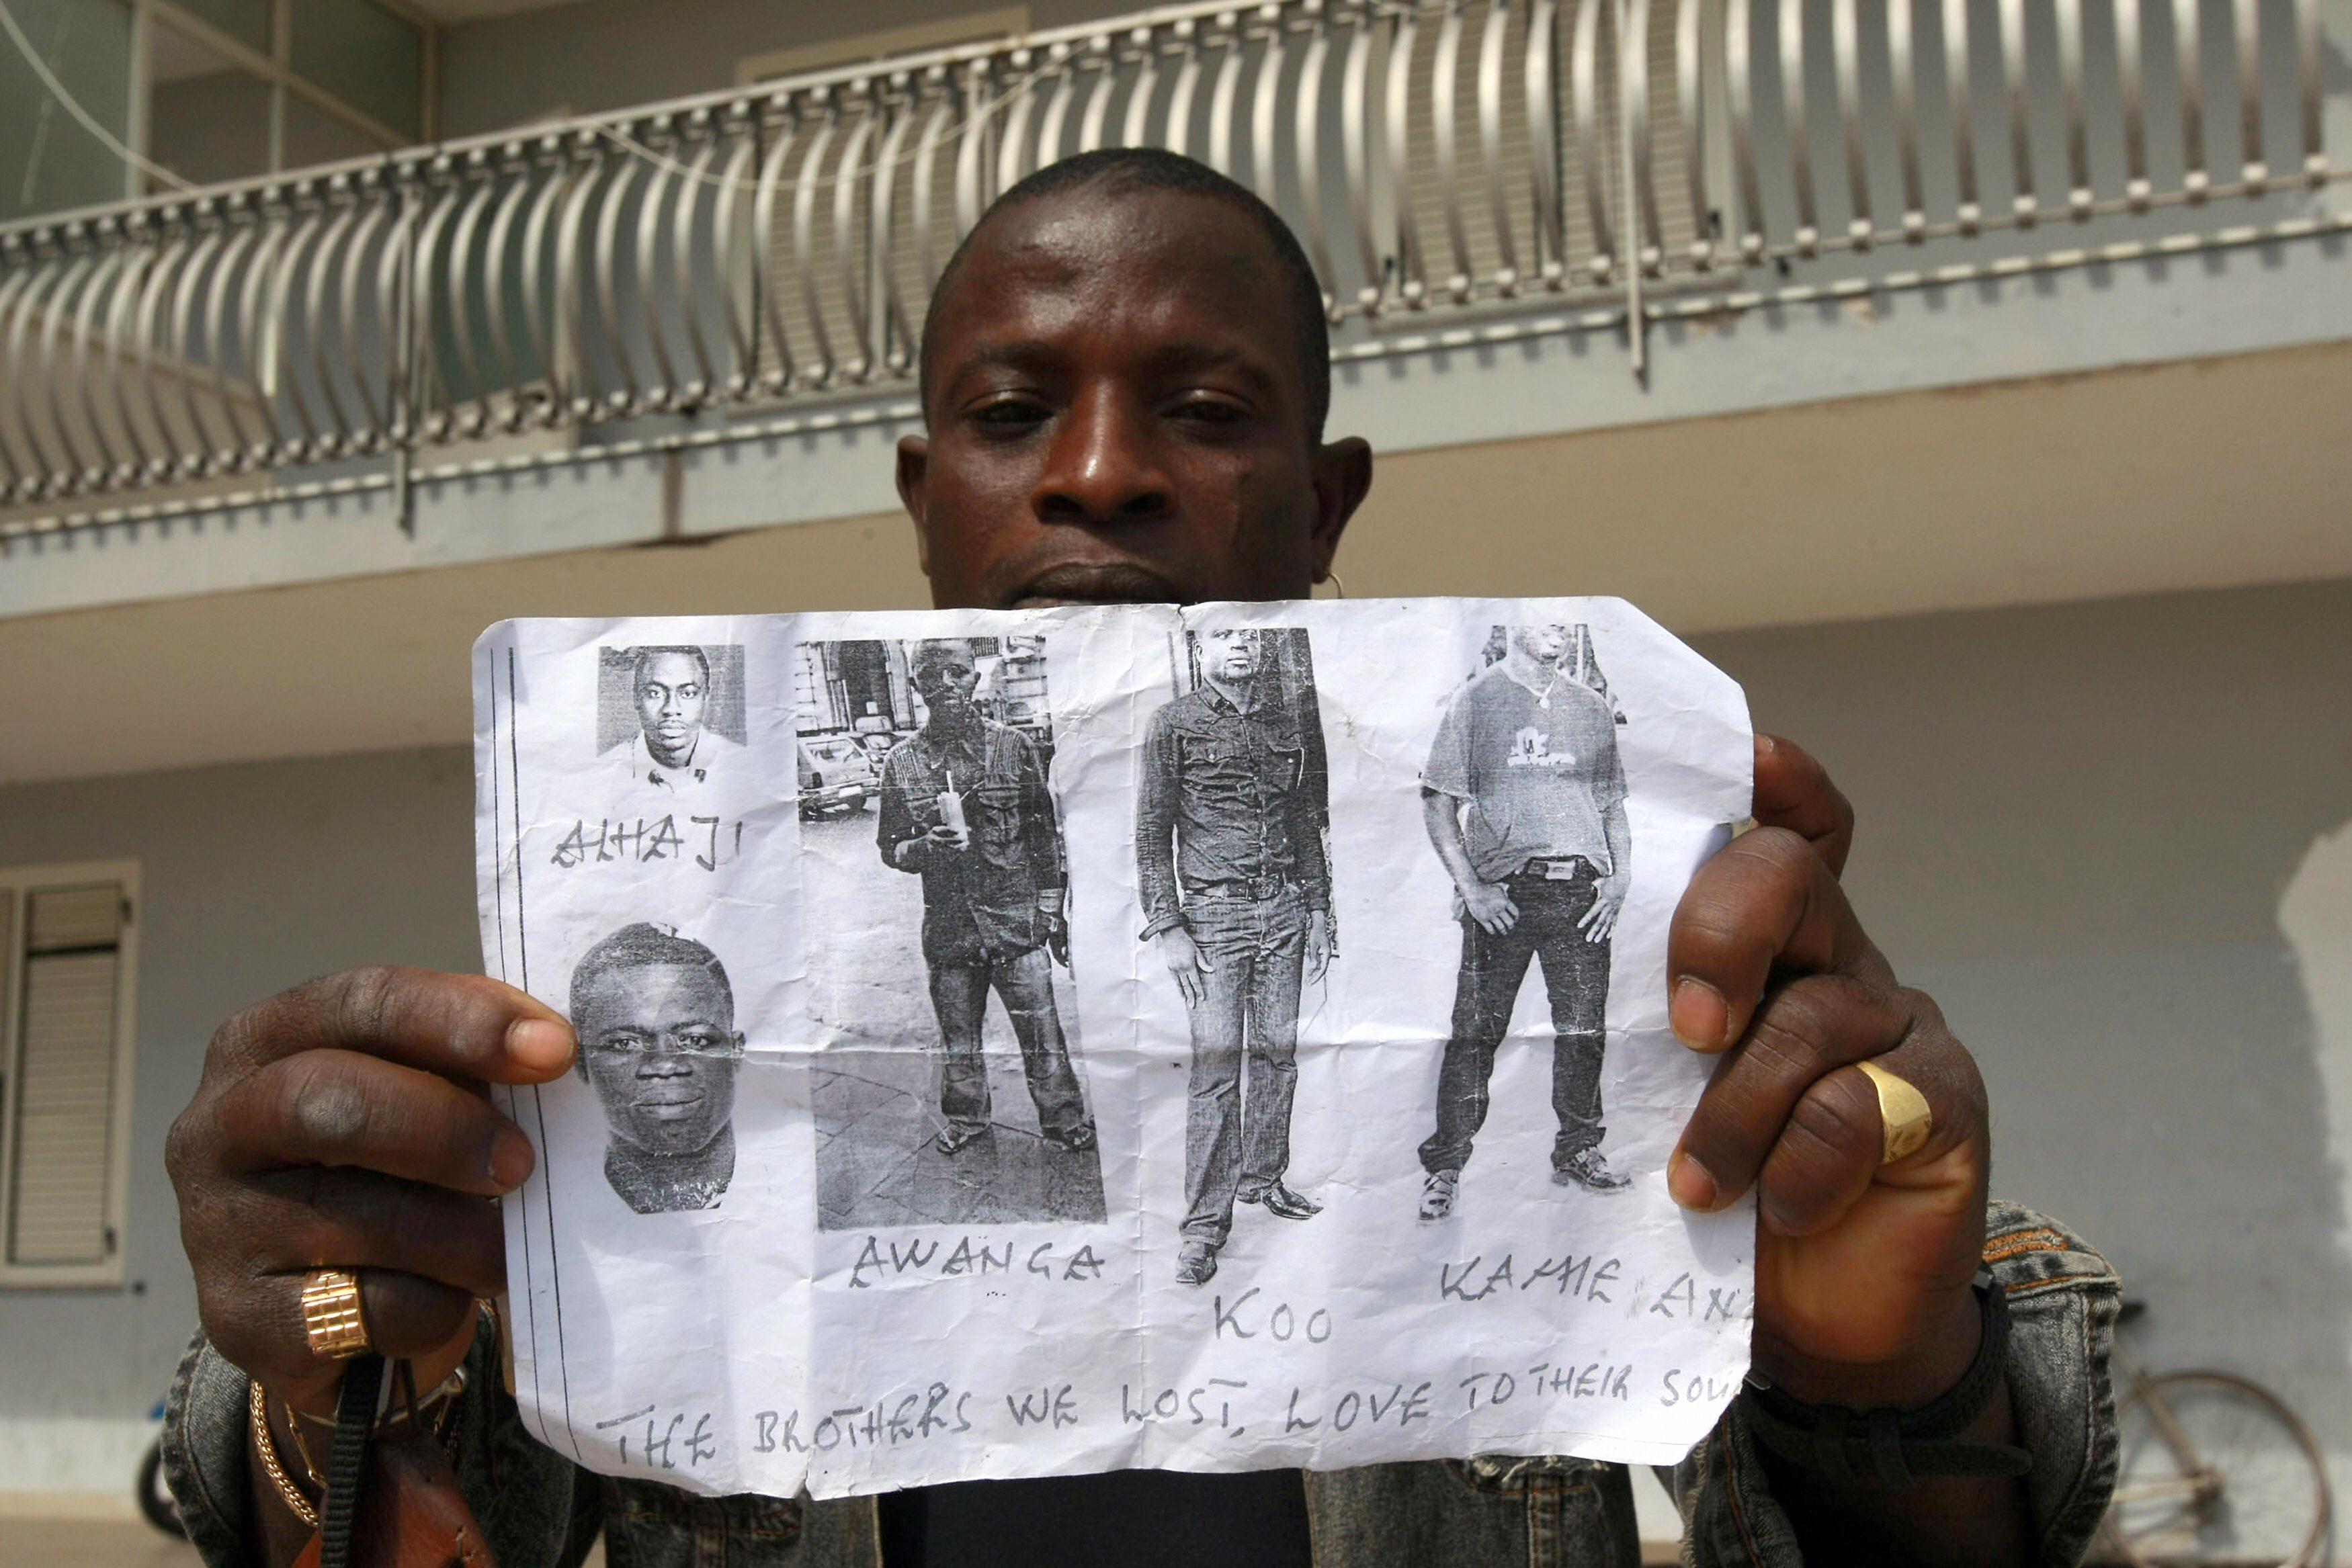 Un immigrato mostra i volti delle vittime della strage di Castelvolturno